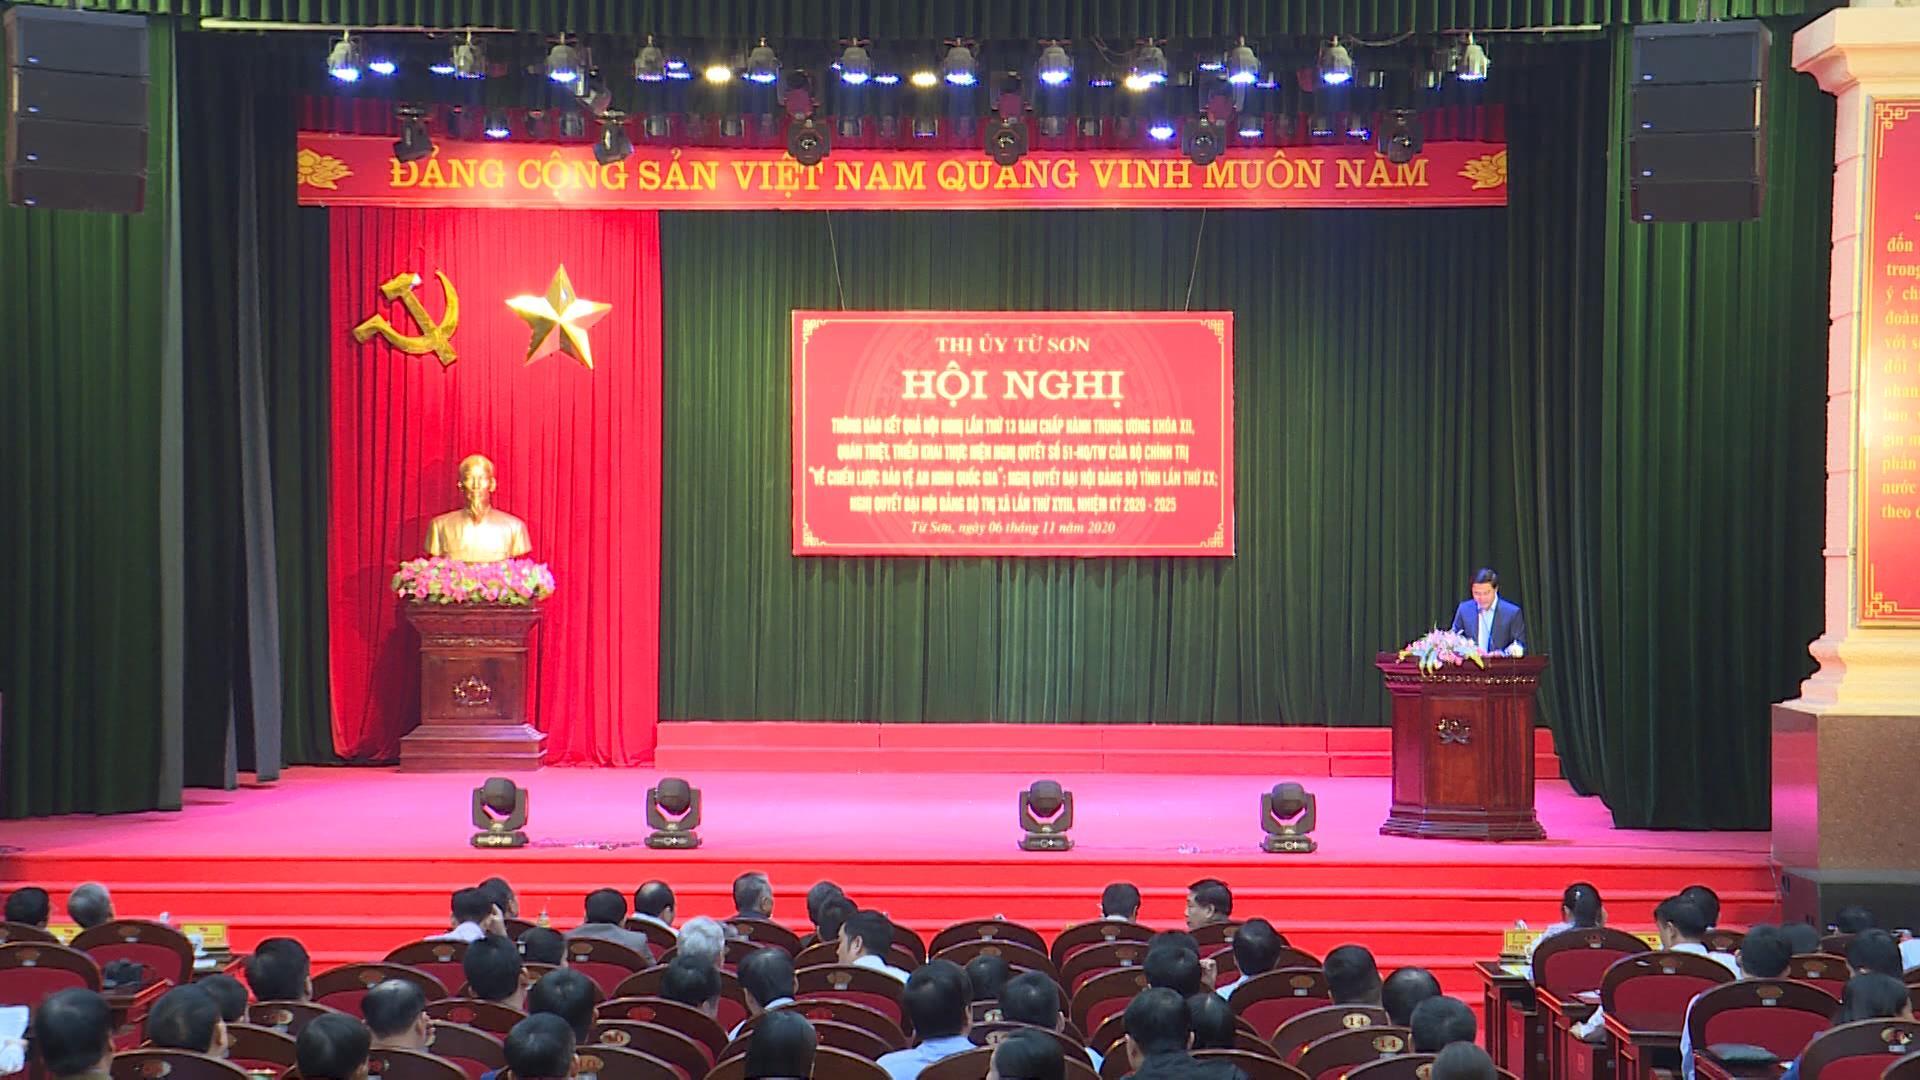 Thị ủy Từ Sơn tổ chức Hội nghị thông báo  Kết quả lần thứ 13 Ban chấp hành Trung ương khóa XII